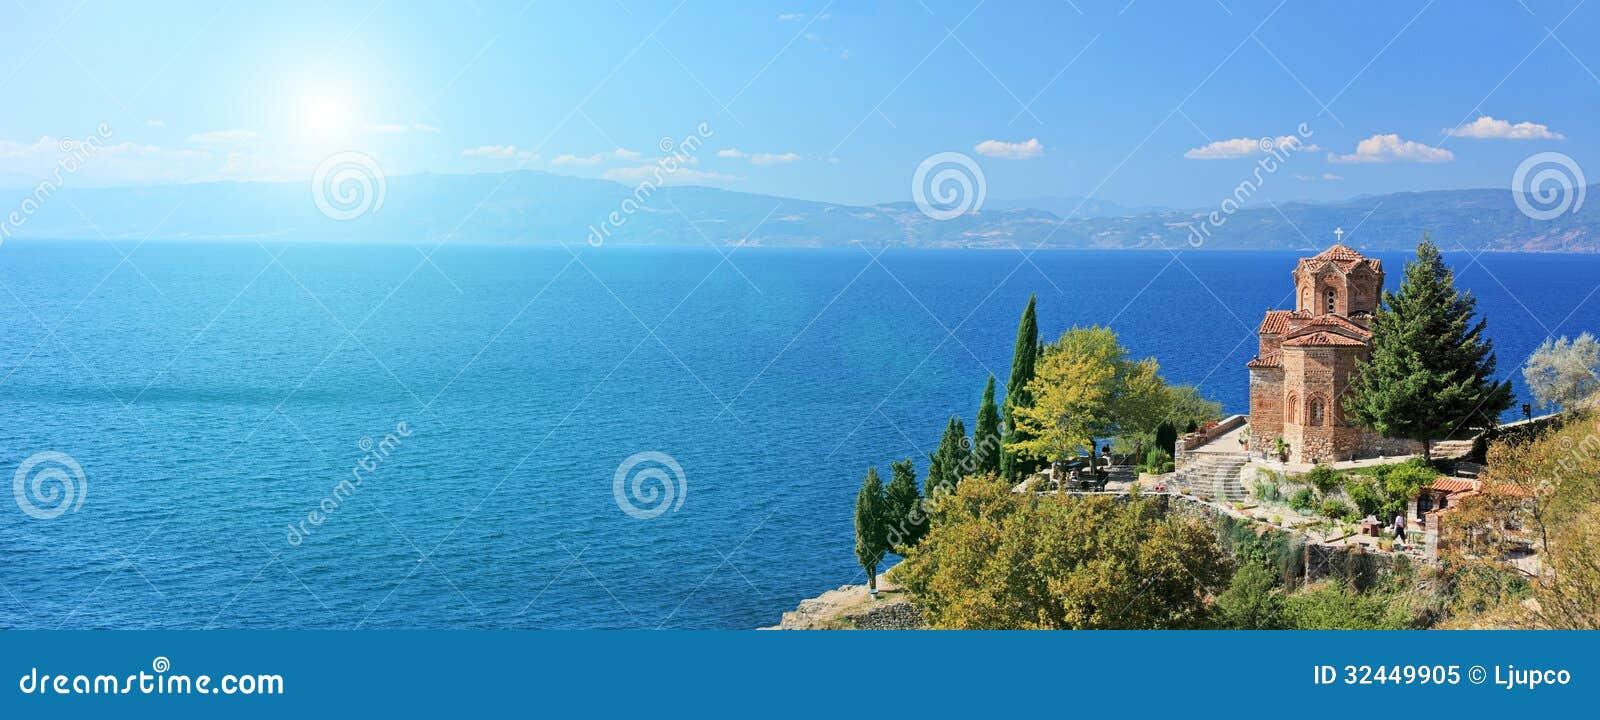 Kirche St. Jovan Kaneo, die Ohrid See, Mazedonien auf einer SU übersieht